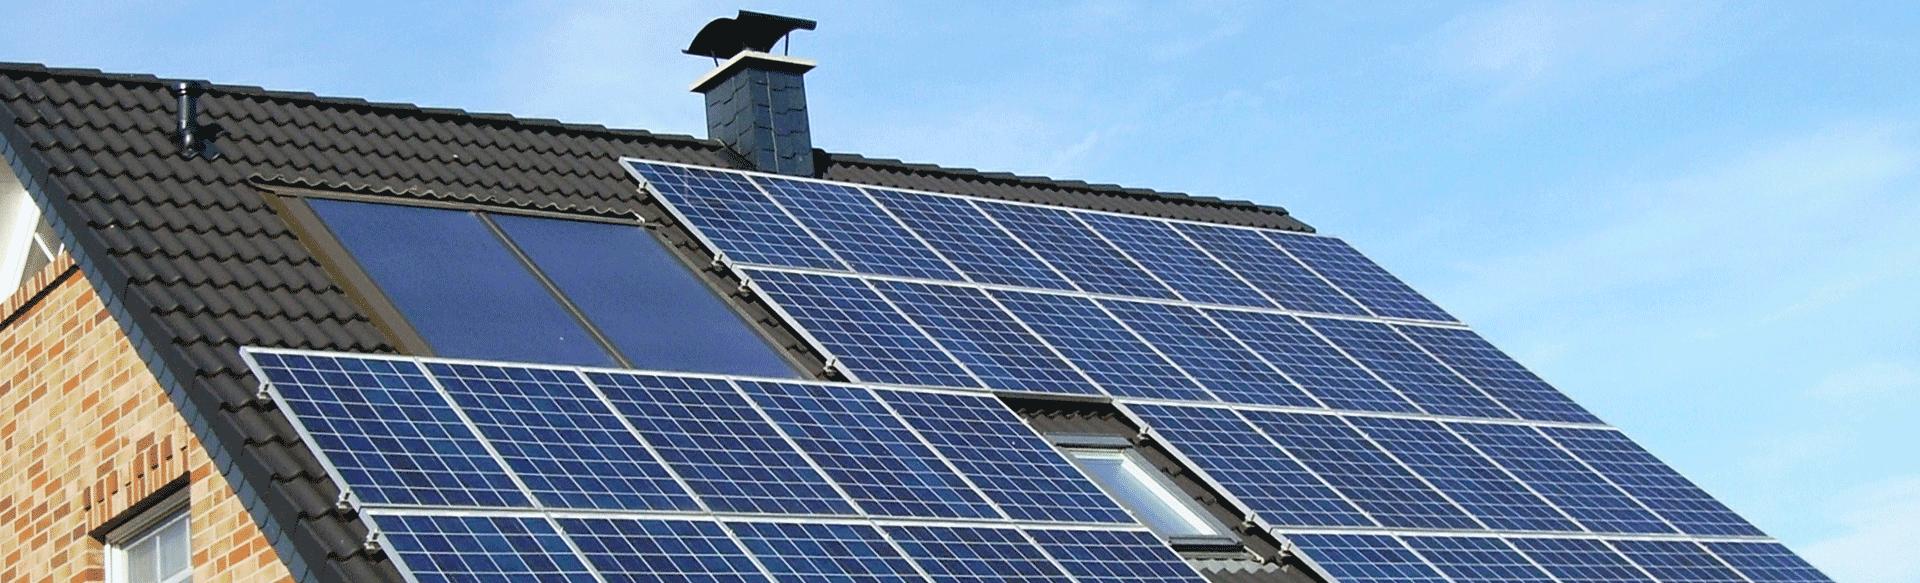 Aquecedores solares: o que são e como funcionam